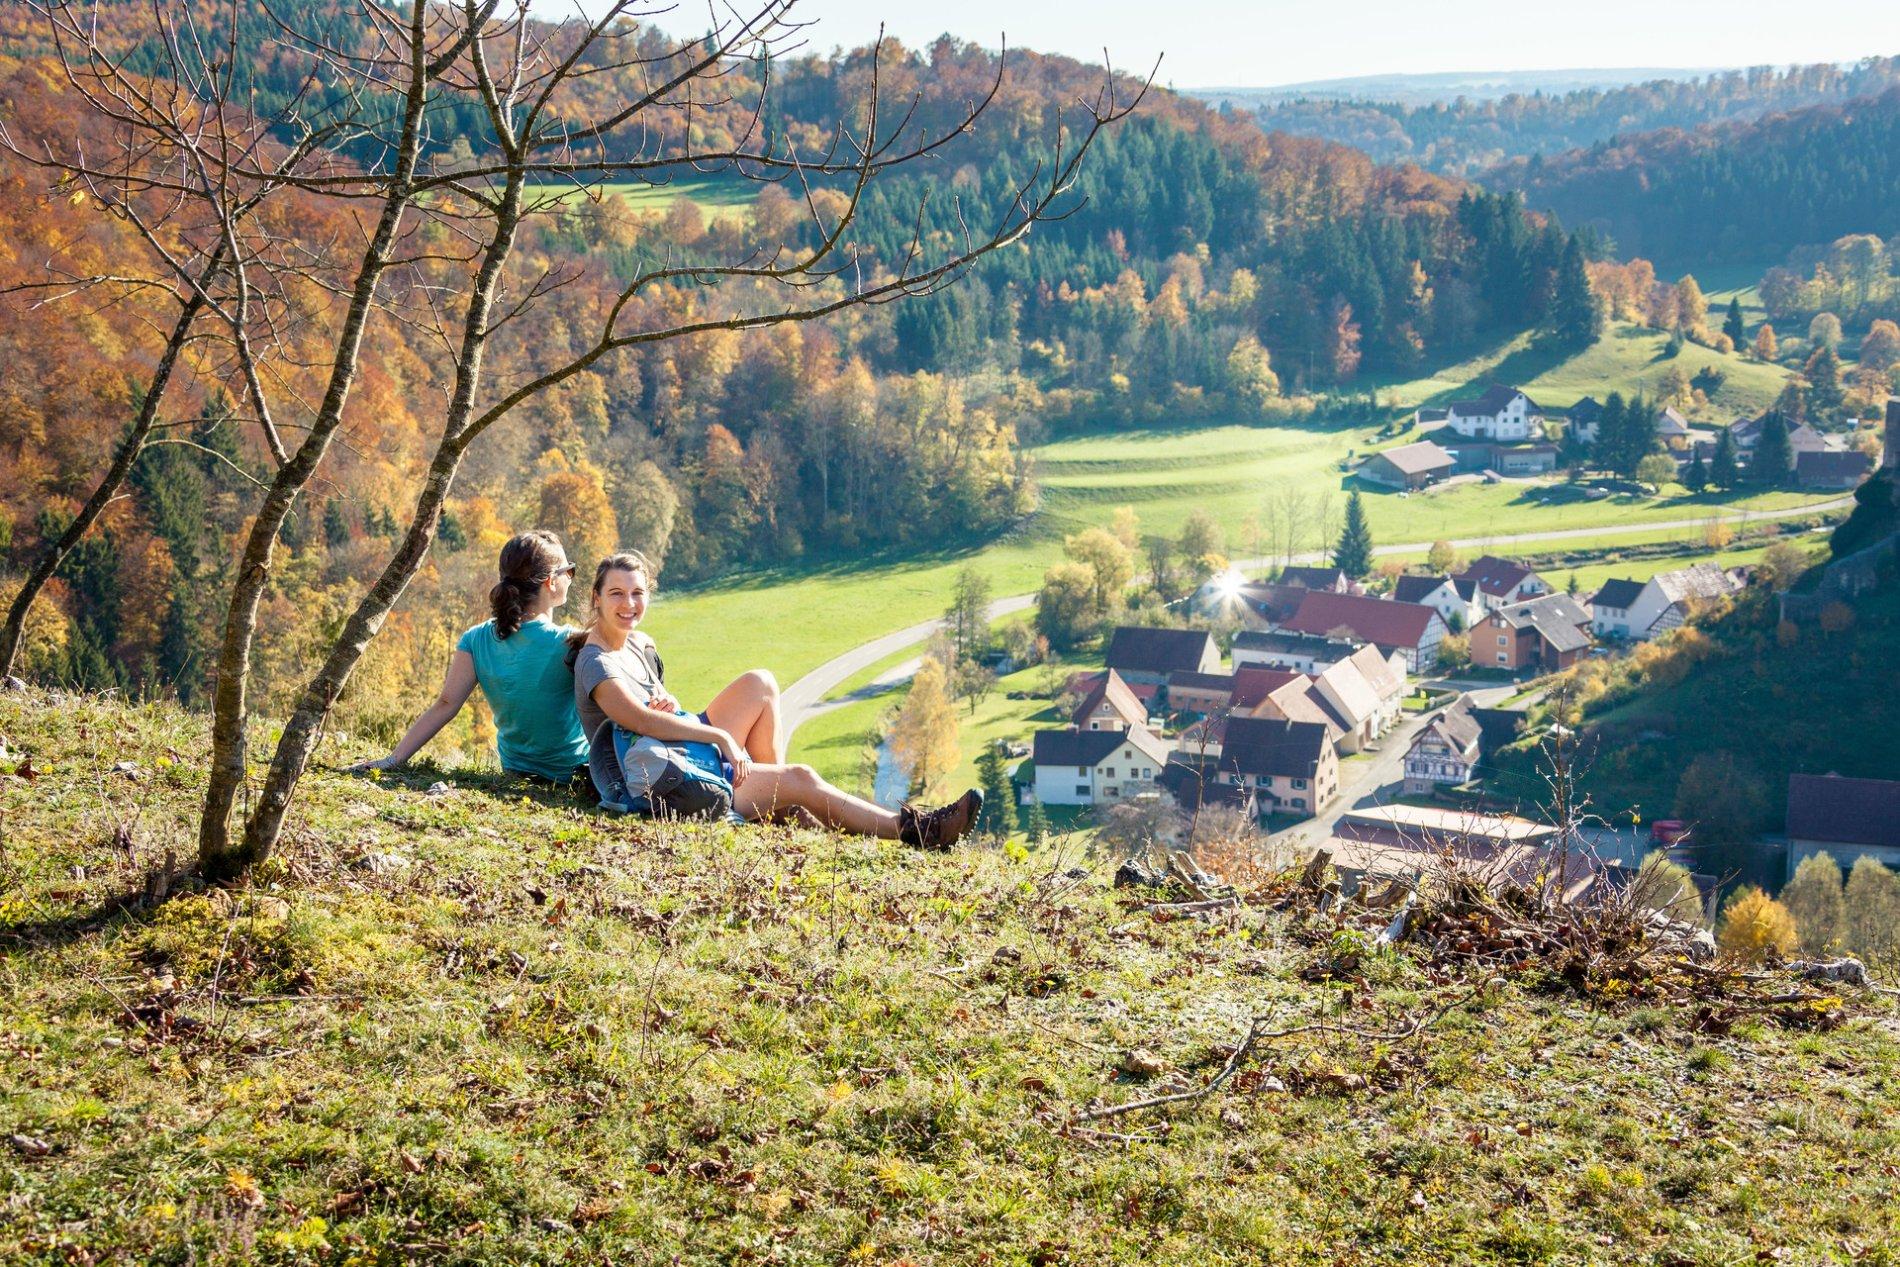 Zwei Wanderer*innen sitzen auf einem Hügel und lehnen sich aneinander an. Vor ihnen ist ein Ausblick über ein kleines Dorf im Tal, durch das ein Fluss fließt. Ringsherum ist Wald in Herbstfarben. Die Sonne scheint.